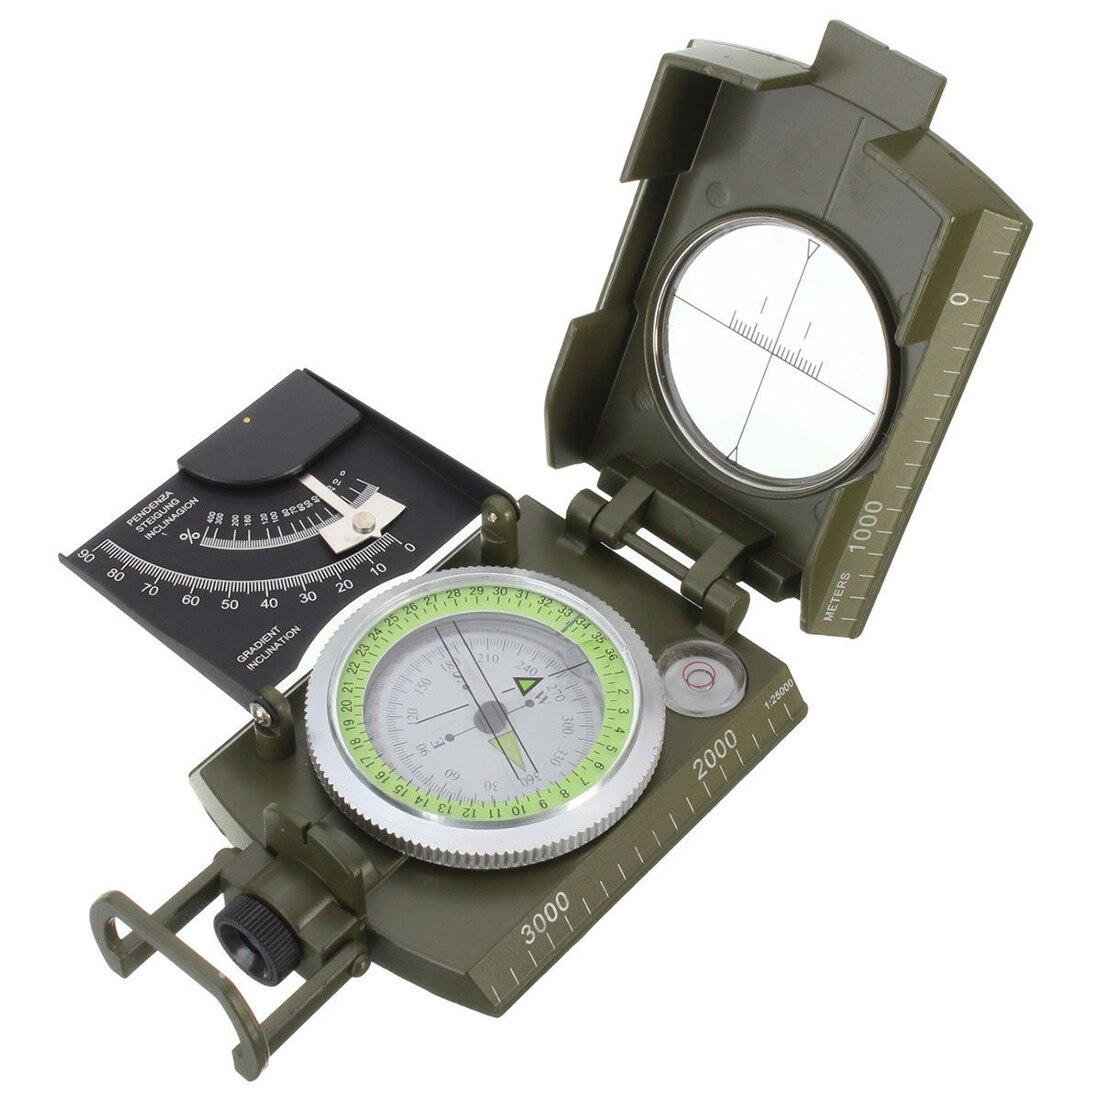 Новая распродажа Новый профессиональный в стиле милитари Металл Прицельная компас Клинометр кемпинг